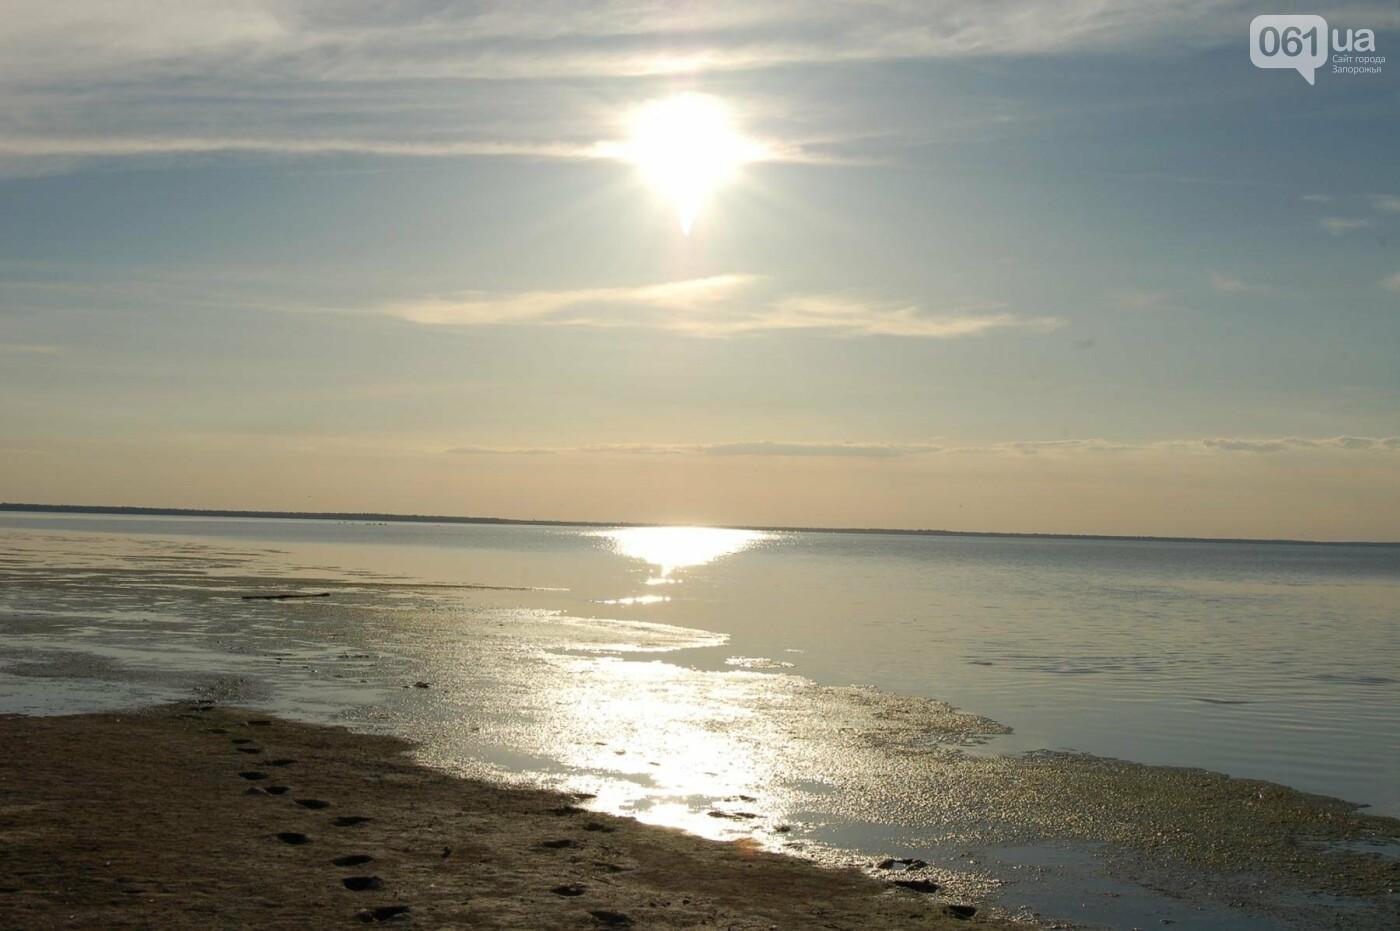 Рыбаки из шести городов Украины помогали открыть канал, соединяющий Молочный лиман с Азовским морем, который занесло песком после шторма, -..., фото-1